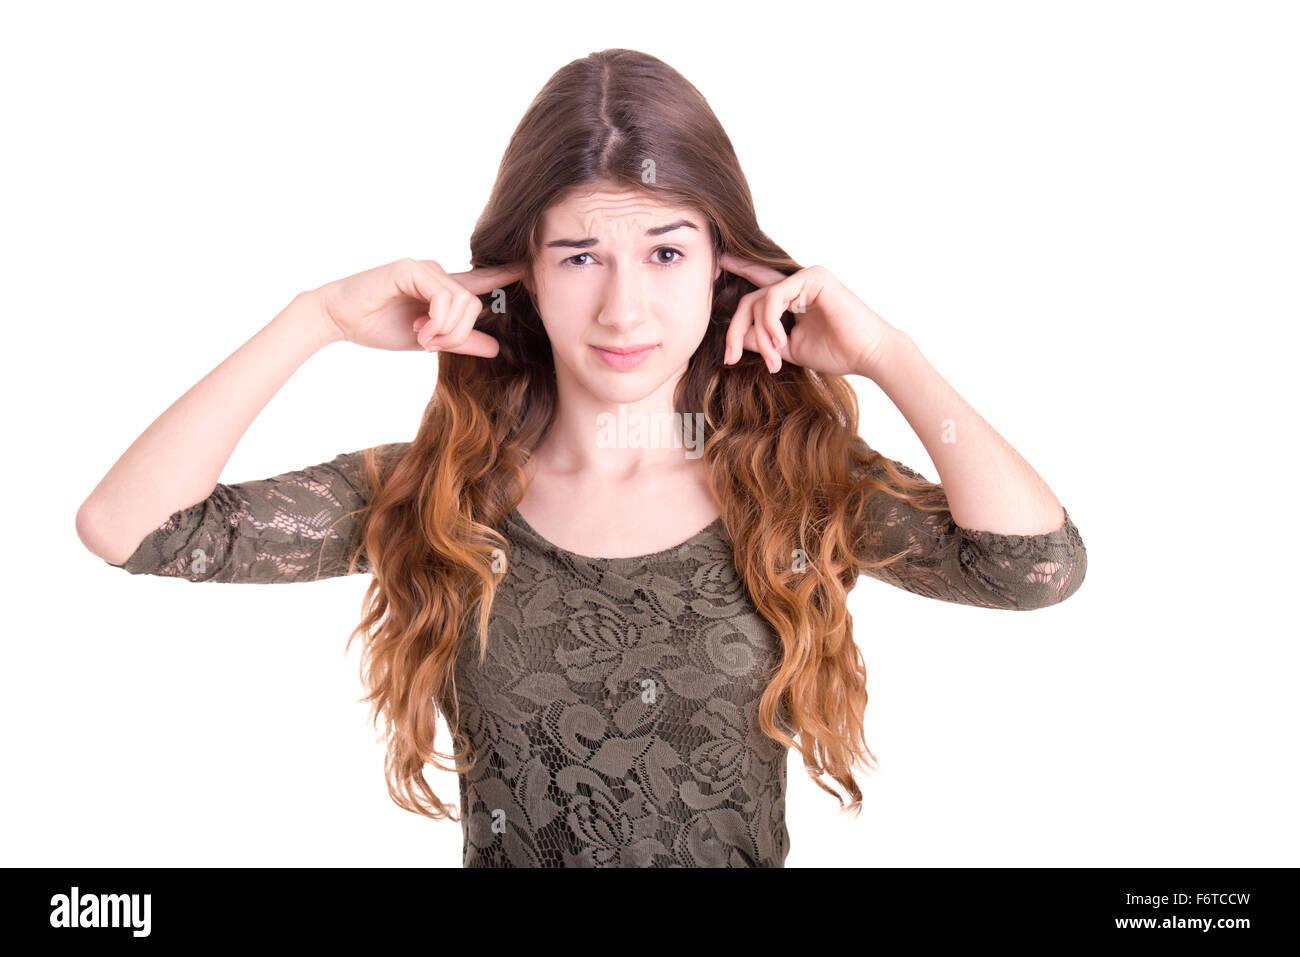 Hembra con los dedos en los oídos para bloquear el sonido, aislados en blanco Imagen De Stock